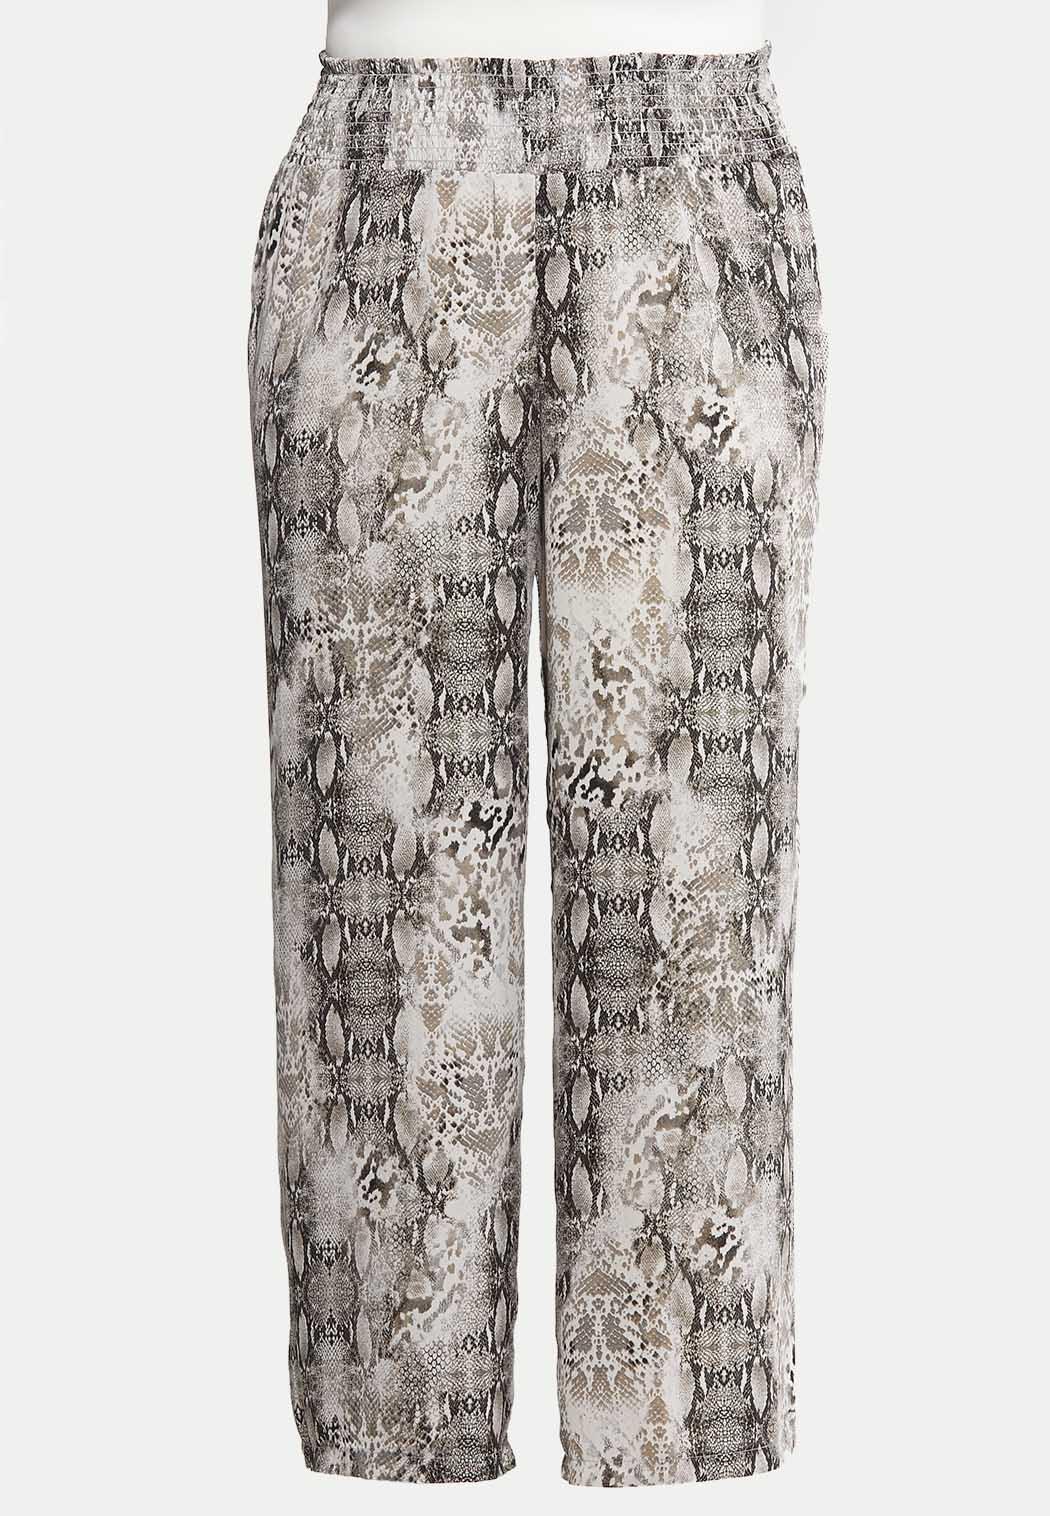 bd251fe85d2 Plus Size Snake Print Palazzo Pants Wide Leg Cato Fashions